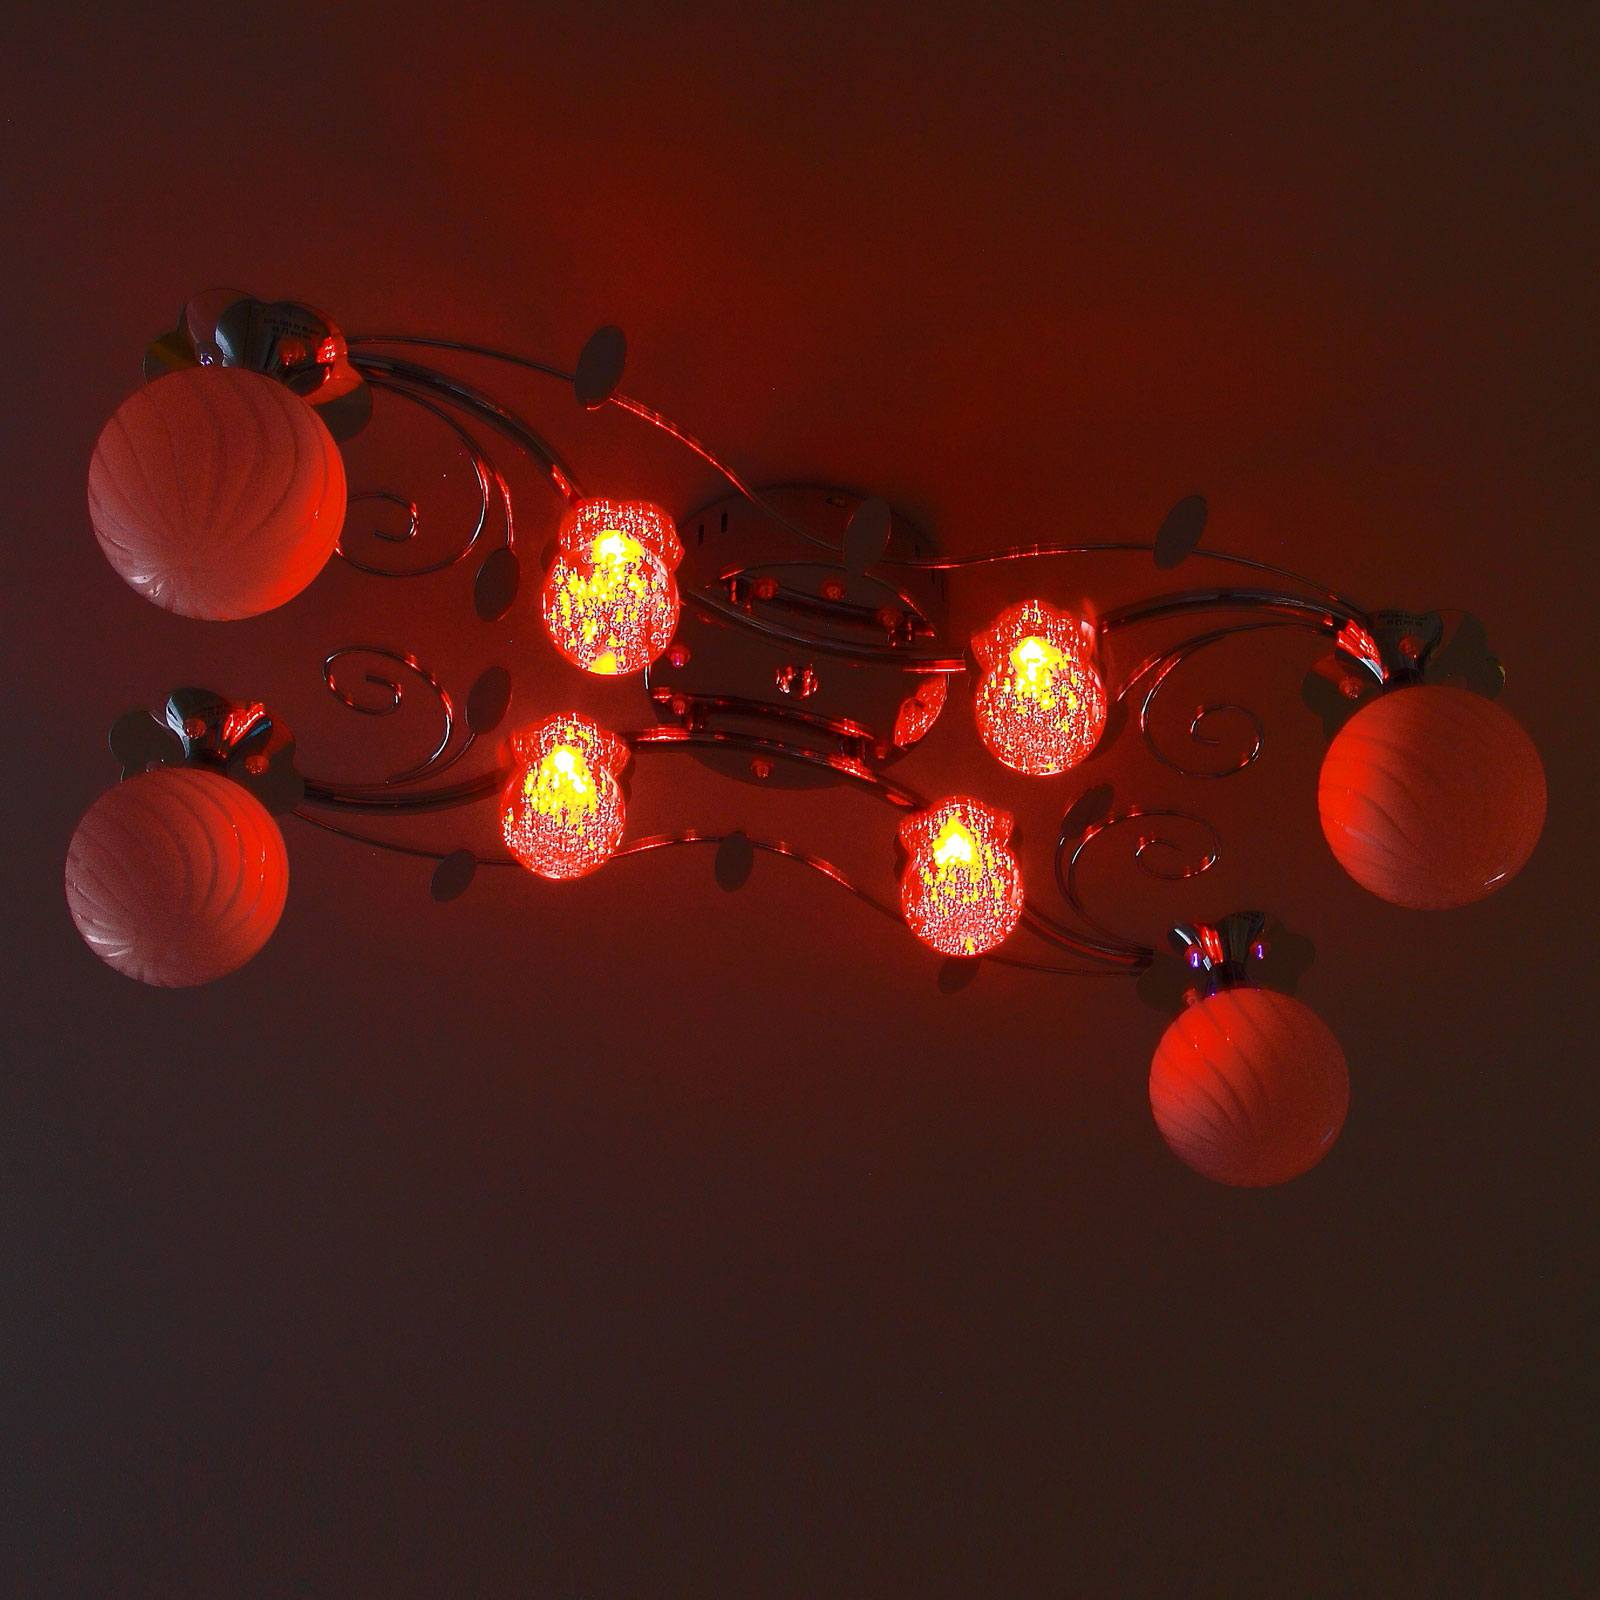 Full Size of Schlafzimmer Deckenlampe Ideen Design Deckenlampen Moderne Deckenleuchte Led Landhausstil Dimmbar Modern Ultraslim Wohnzimmer Ip44 Ikea Obi Bauhaus Lampe Schlafzimmer Schlafzimmer Deckenlampe